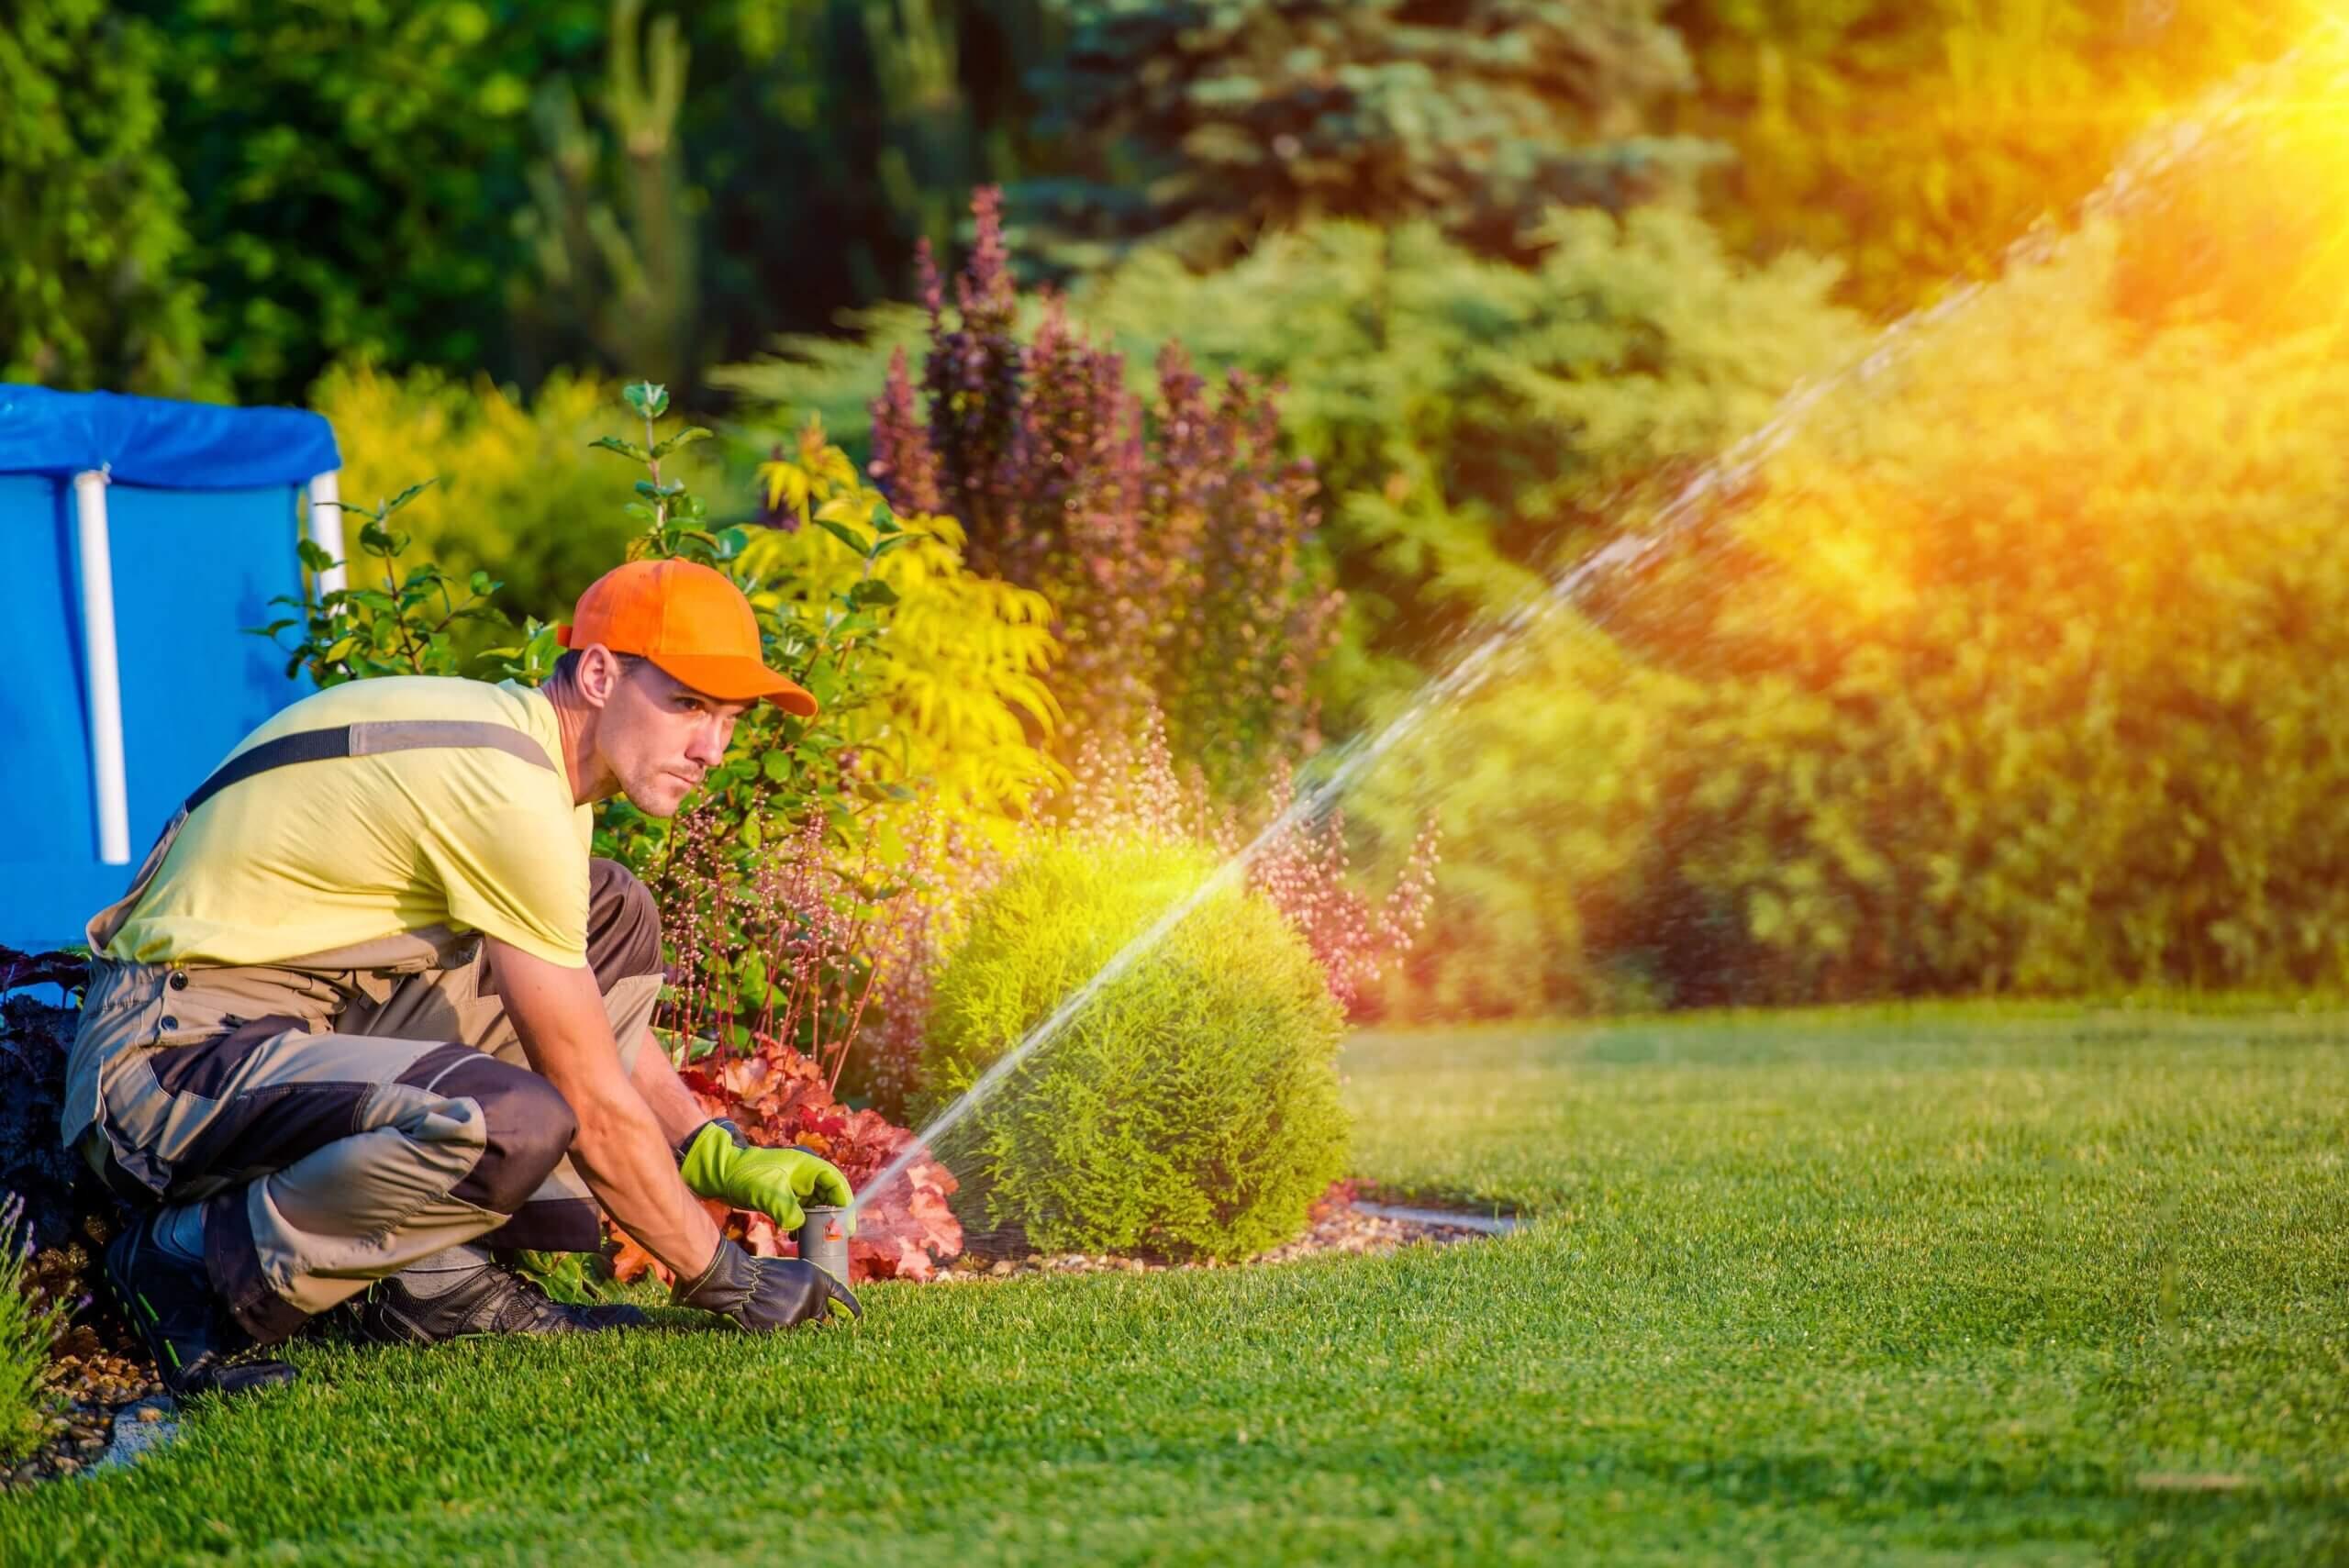 Gartenbewasserug bauen